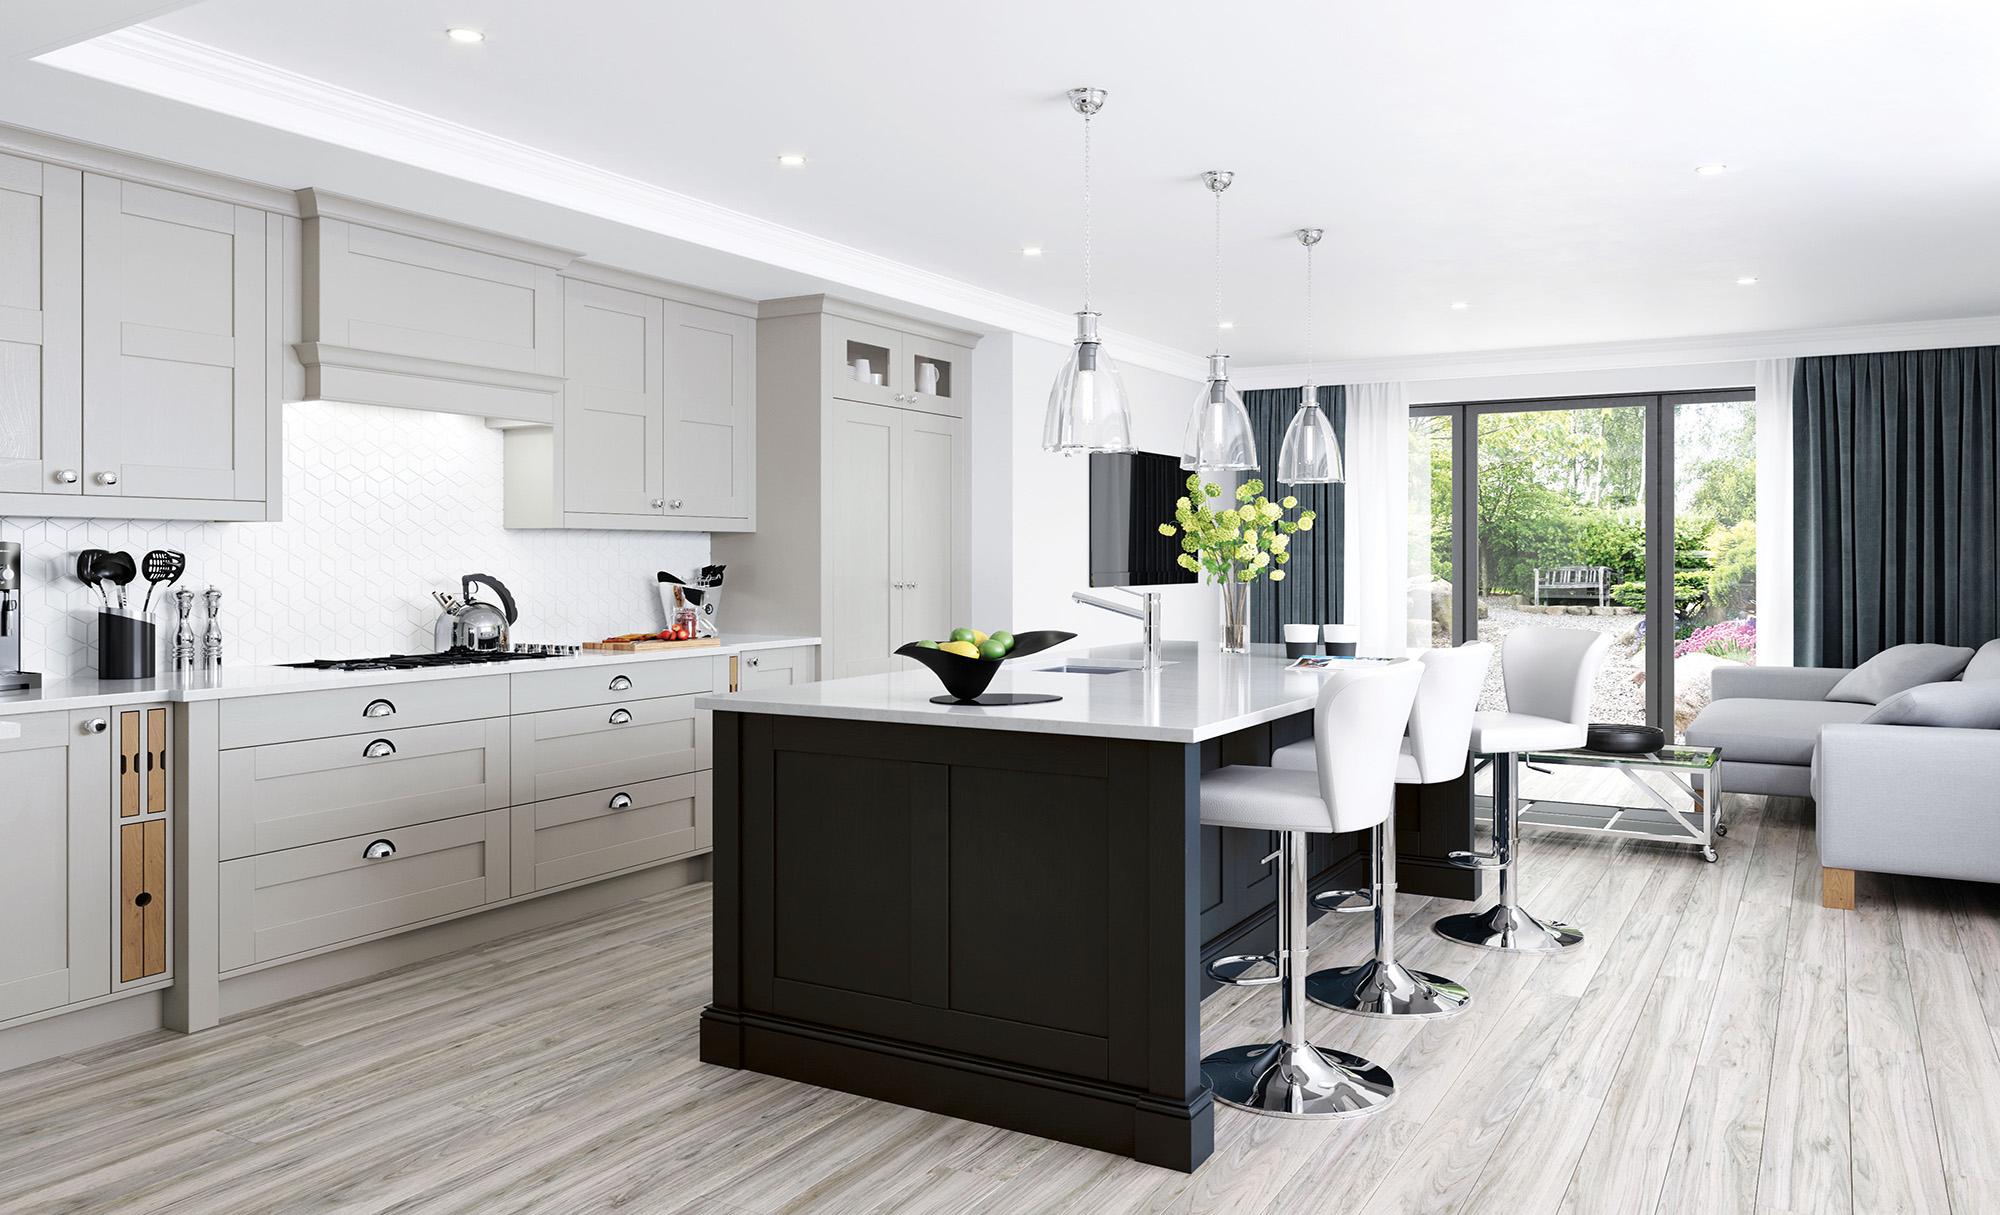 Cool Beautiful Clic Modern Madison Shaker Kitchen In Cashmere Graphite  Kitchen Doors Accessories Uform Source With Kchen Modern U Form With Uform  Kchen ...